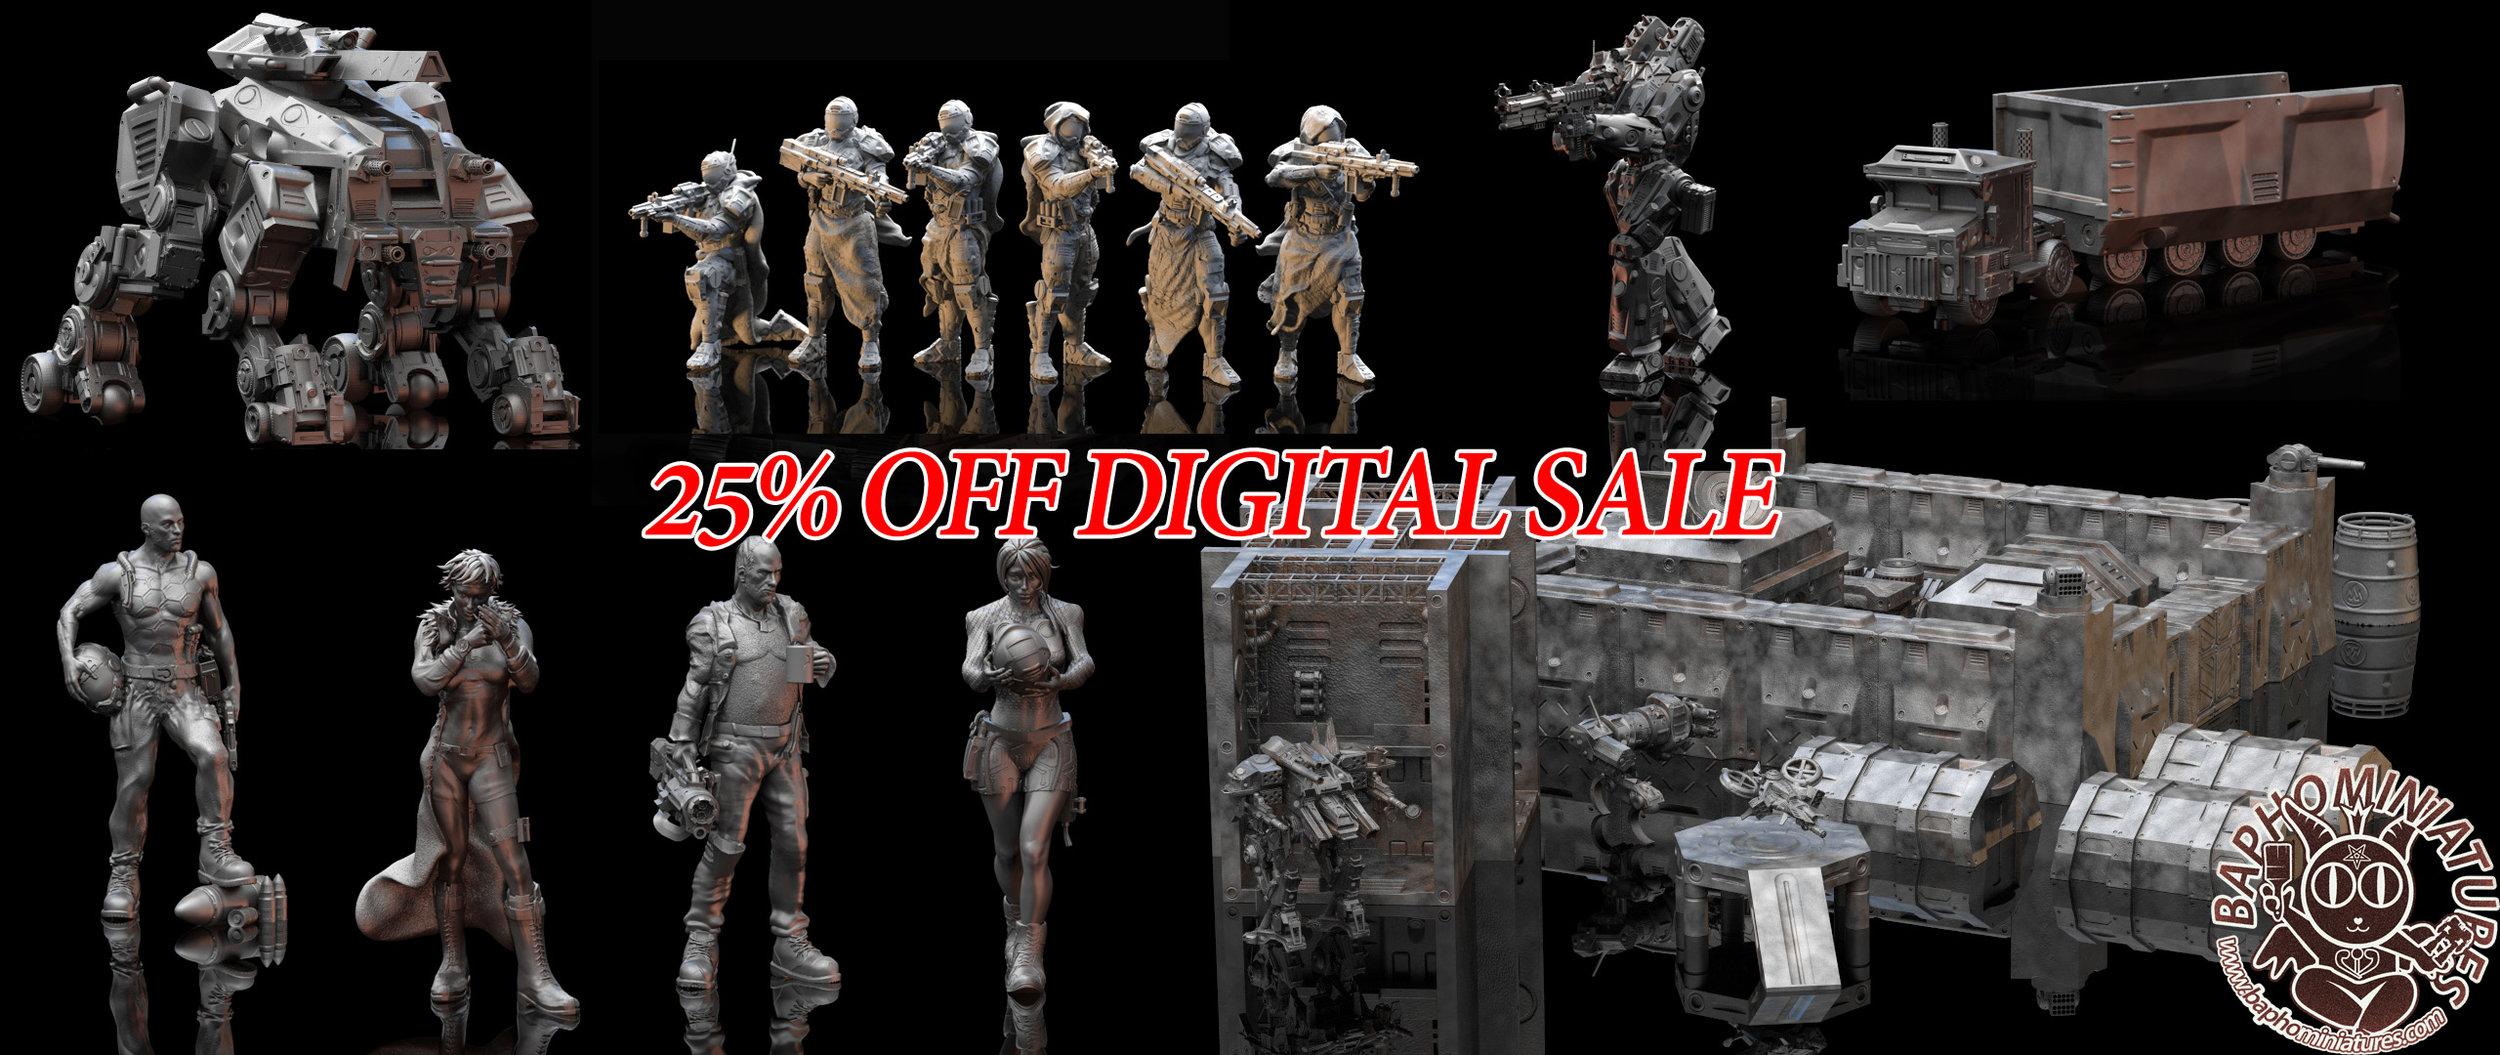 digitalsale.jpg